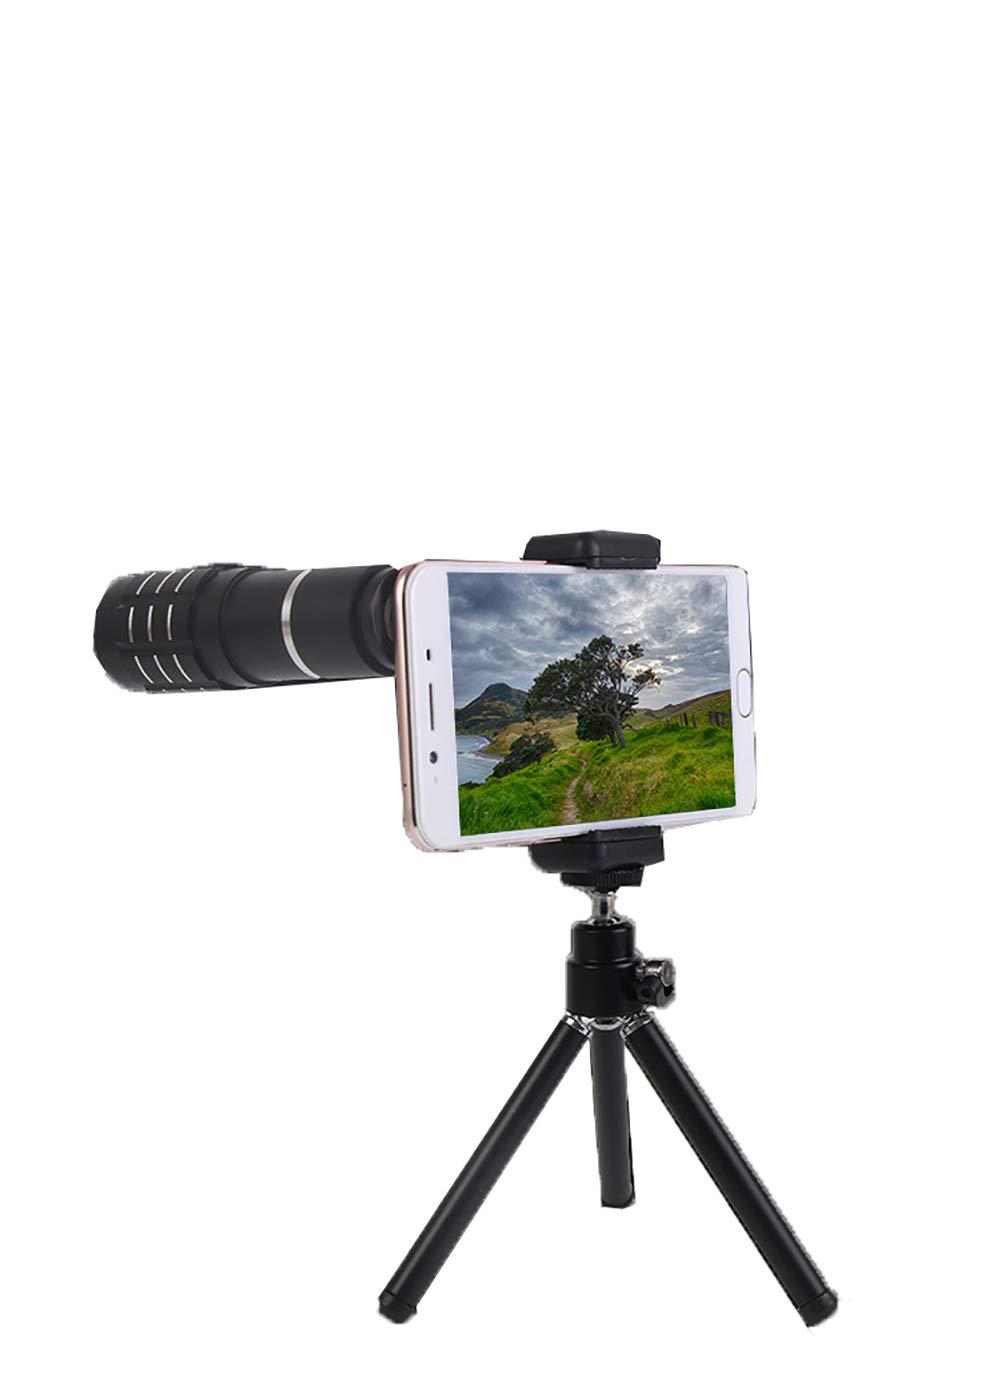 携帯電話カメラレンズキット 12倍HD望遠鏡ヘッド 4K 4K HD携帯電話レンズ 携帯電話クリップ付き B07GLKVN15 三脚付き 三脚付き B07GLKVN15, ワクイショップ:8bb61382 --- ijpba.info